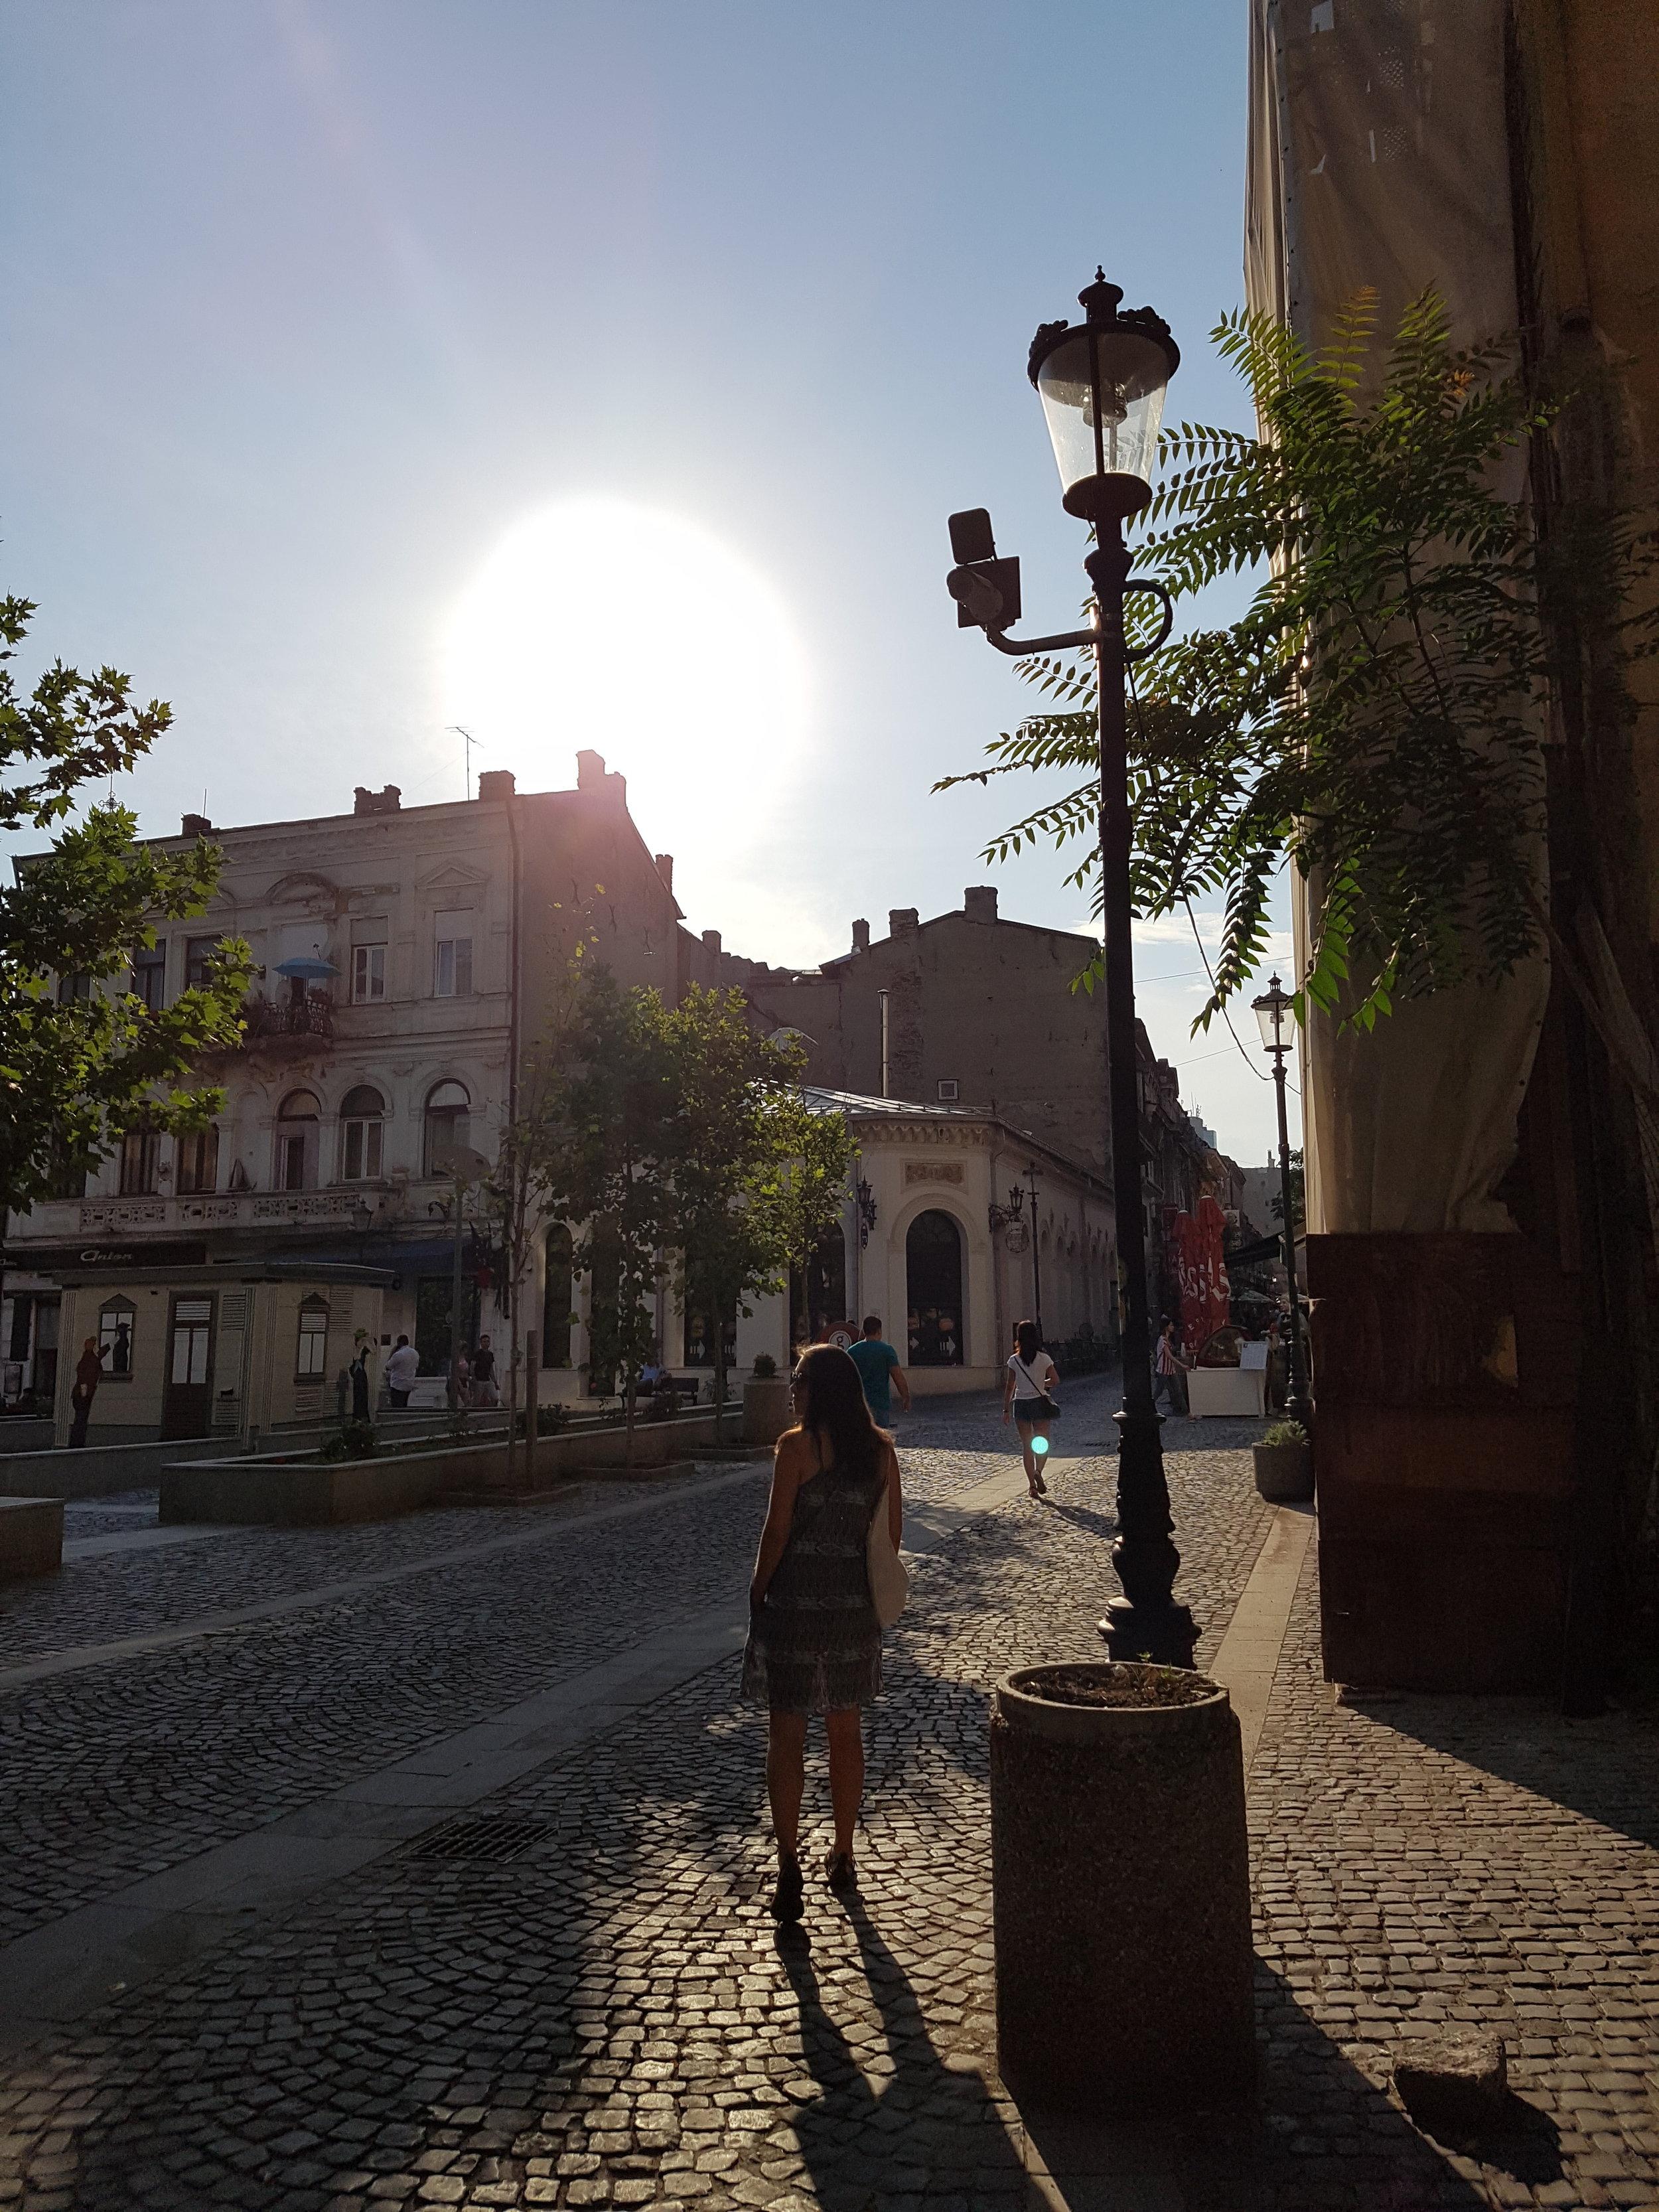 bukarest-gamla-stan.jpg